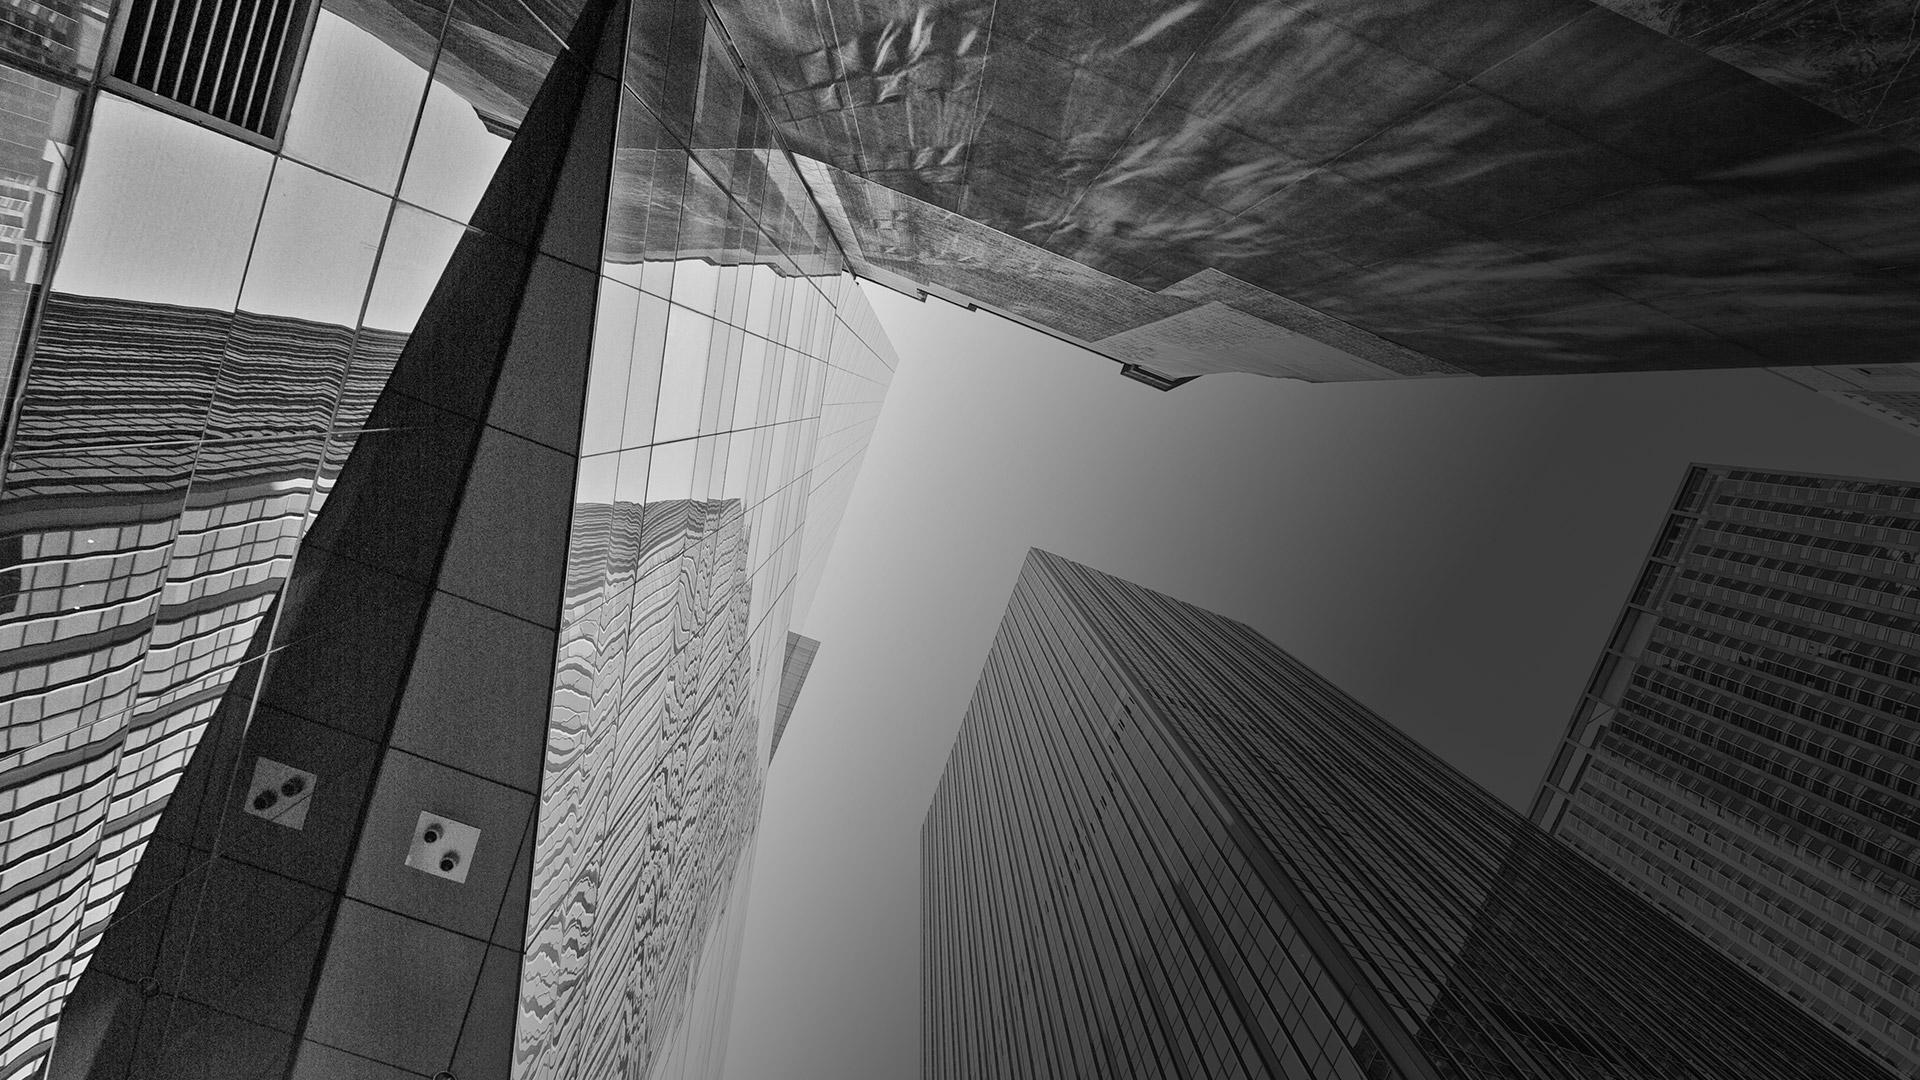 תוכנית עסקית בתחום הפיננסי Fintech